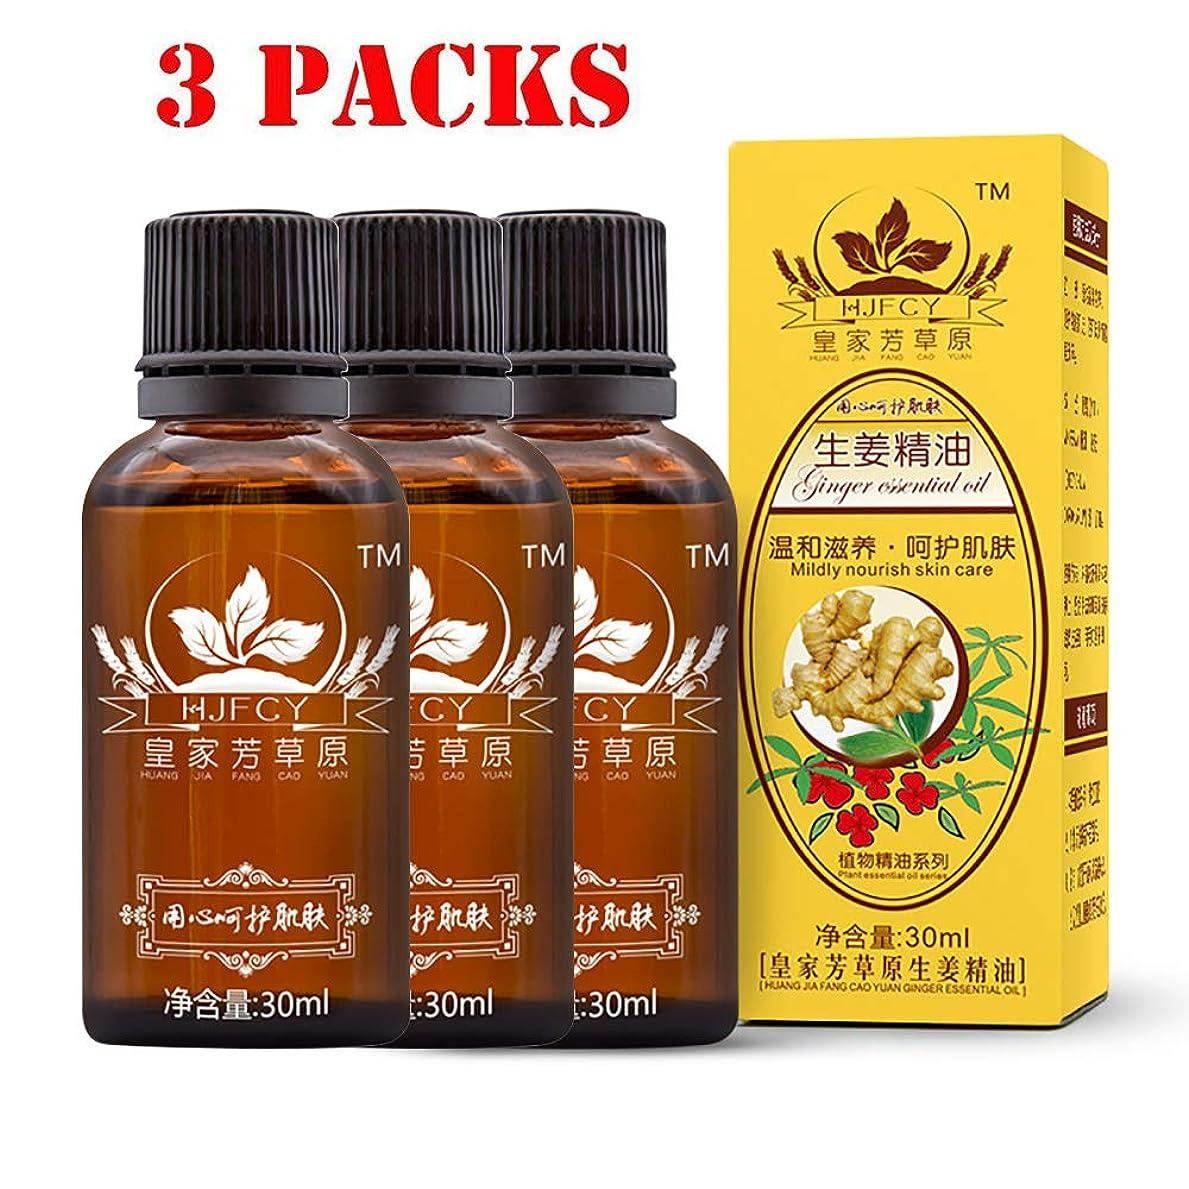 コンプリート口述するエレガント100%天然エッセンシャルオイル、生姜エッセンシャルオイル、高品質治療グレードエッセンシャルオイルマッサージエッセンシャルオイル 30ml - 3 pack